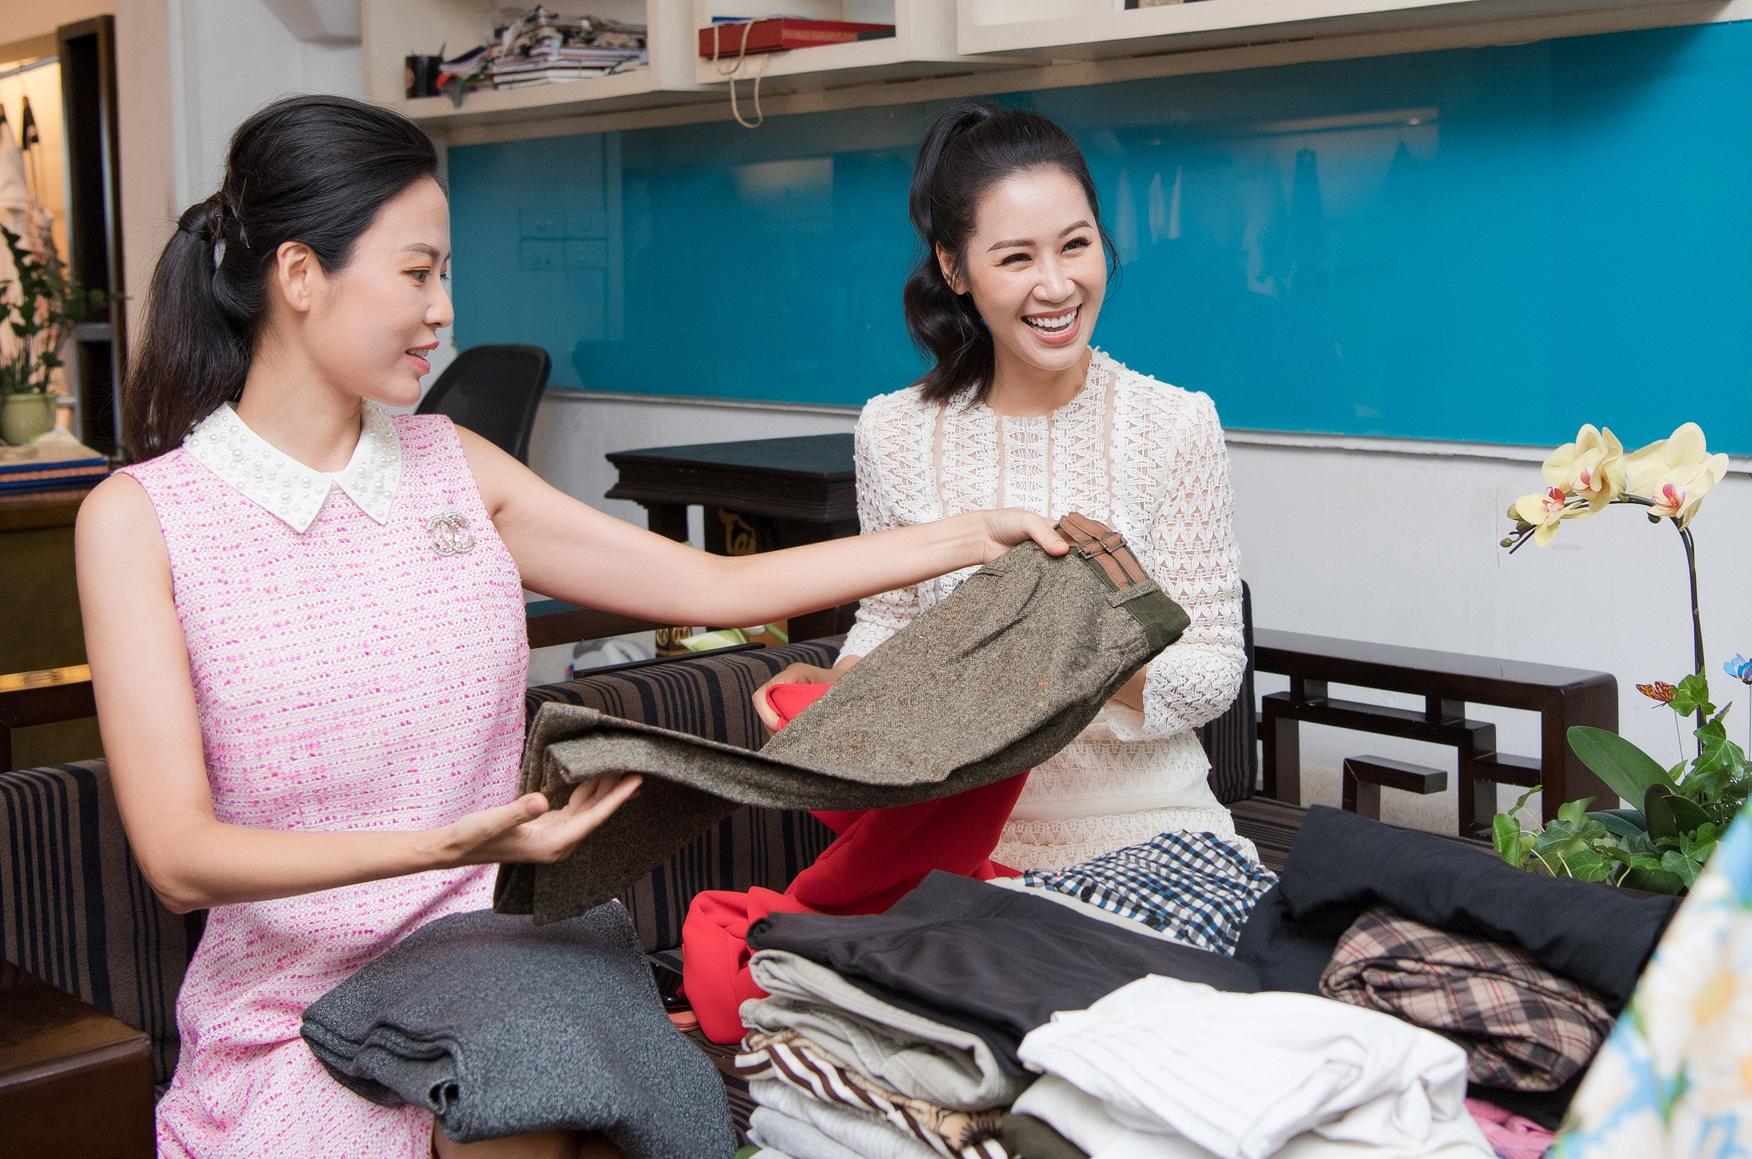 Á hậu Thụy Vân quyên góp trang phục cũ ủng hộ chiến dịch tái chế của NTK Xuân Lê - Ảnh 2.